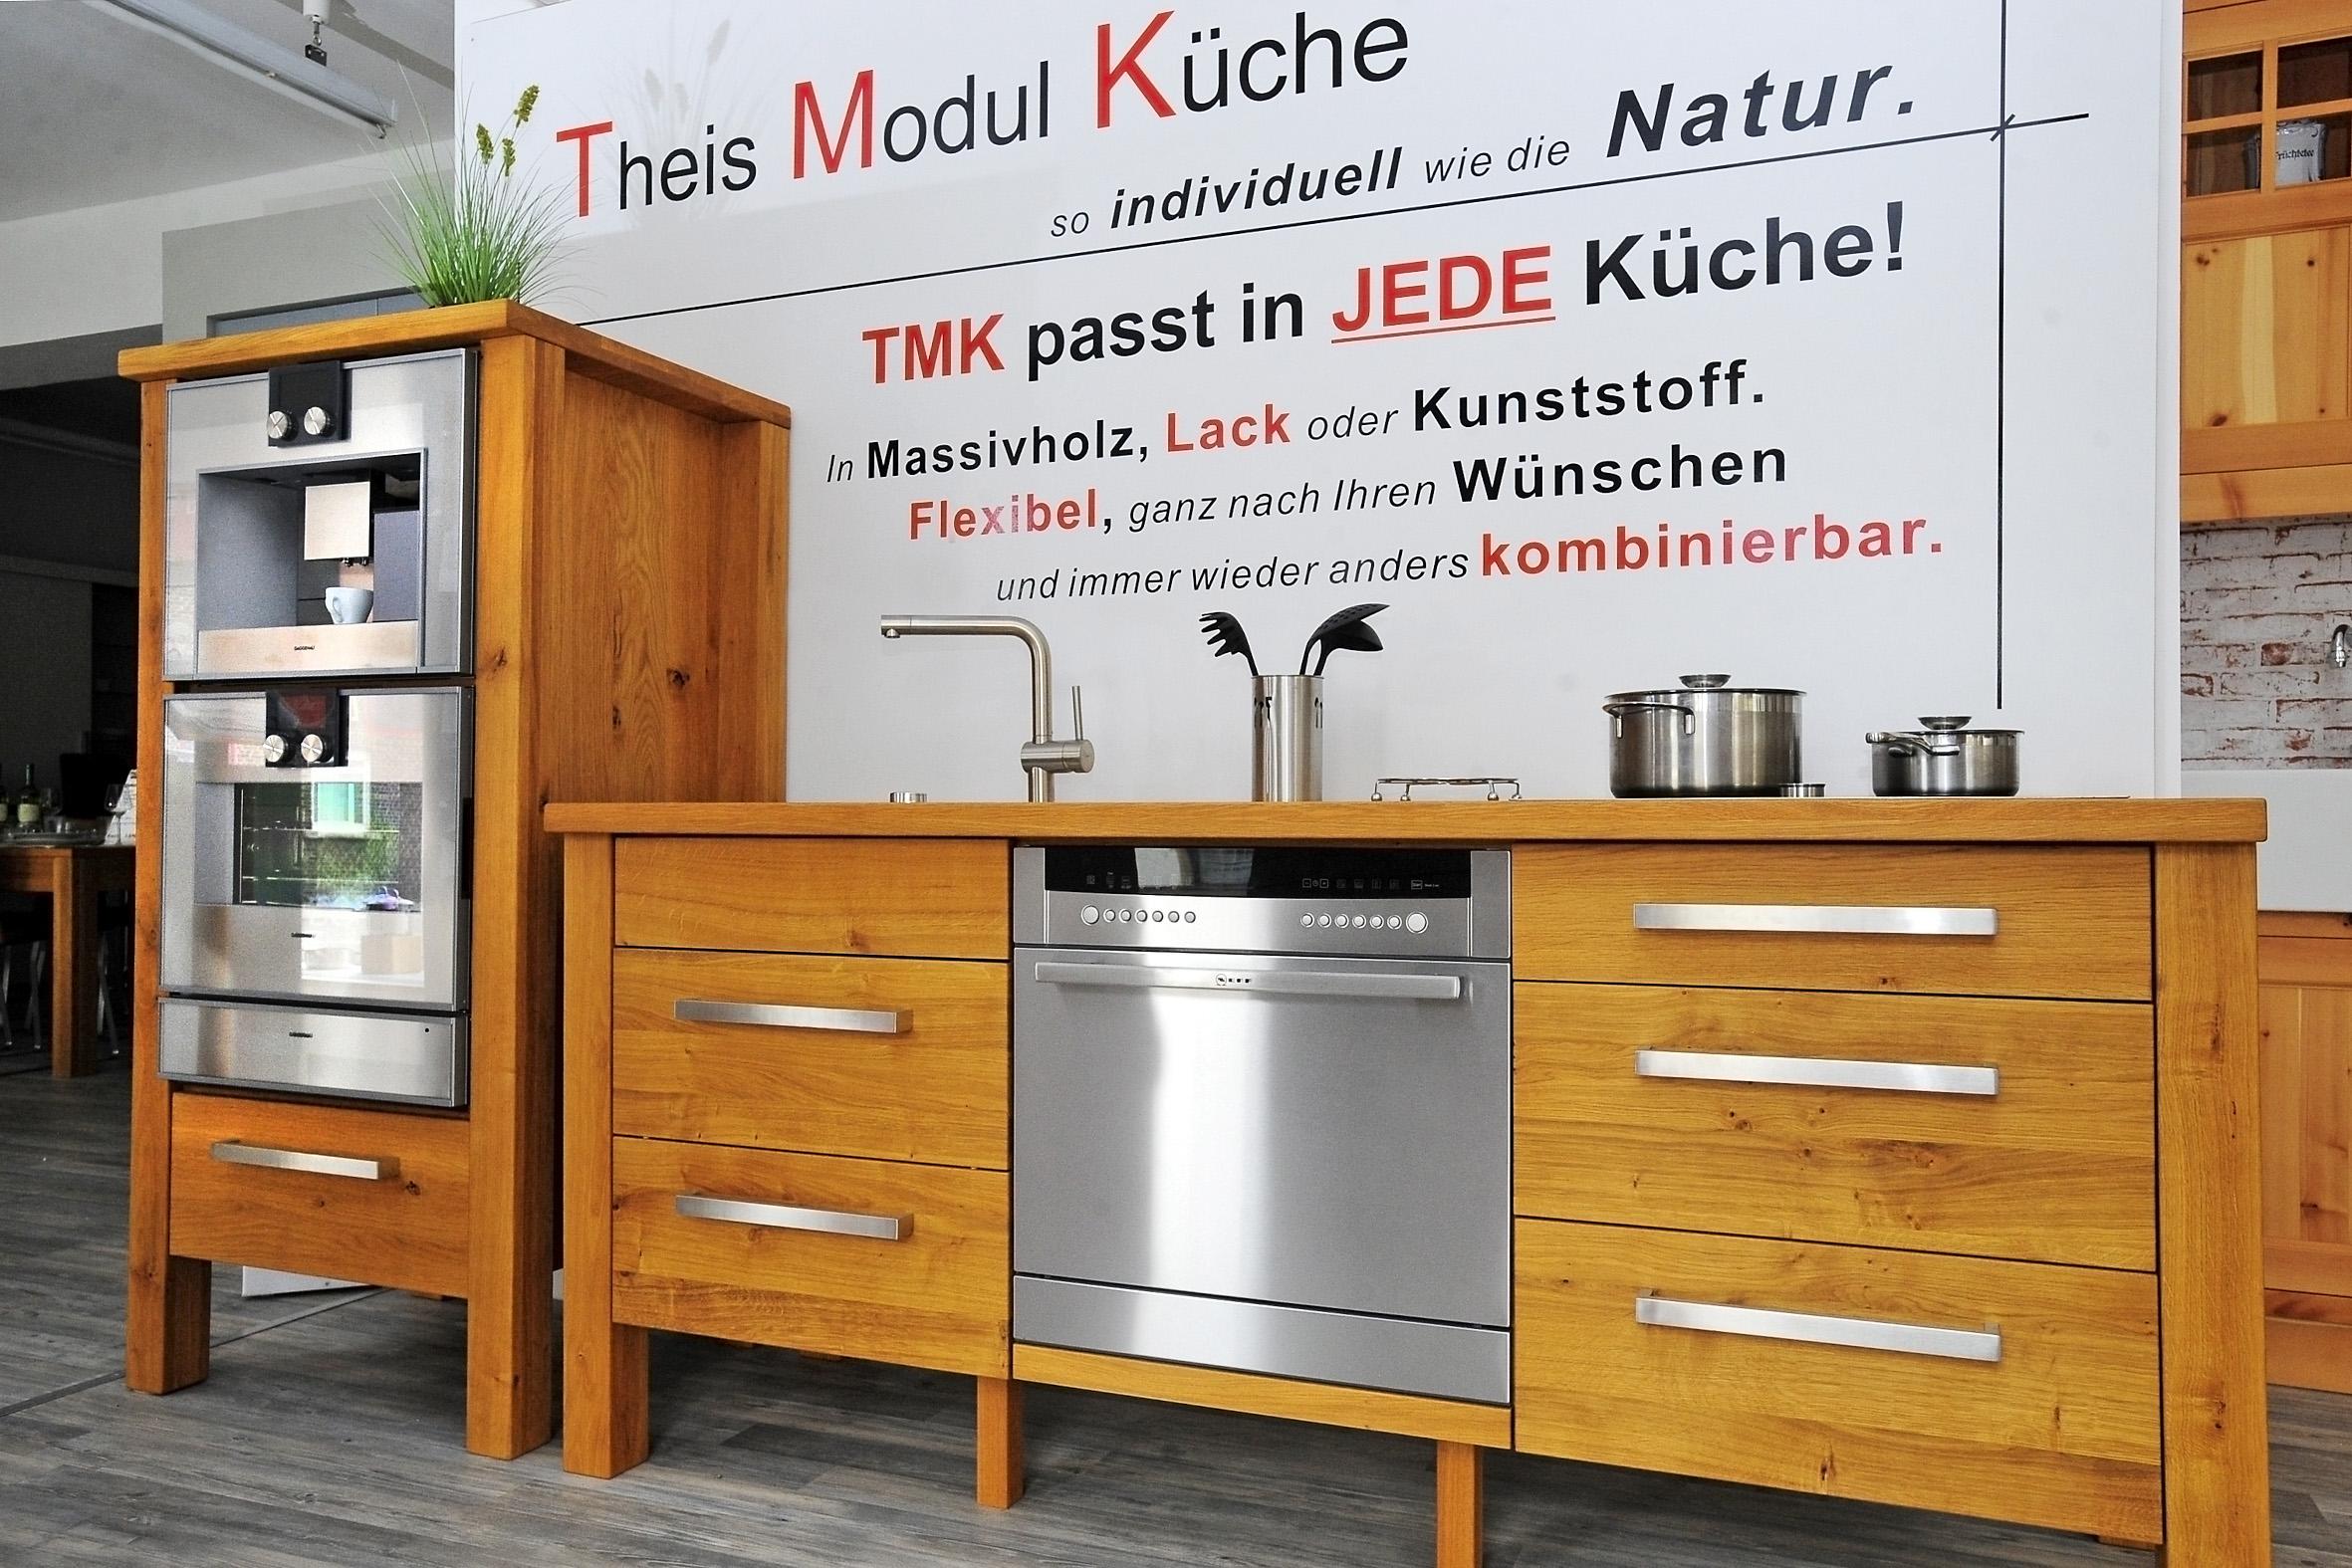 Full Size of Modulkche Ikea Wandabschlussleiste Arbeitsplatten Küche Aluminium Verbundplatte Fliesen Für Buche Modulküche Mischbatterie Outdoor Kaufen Massivholz Wohnzimmer Ikea Küche Massivholz